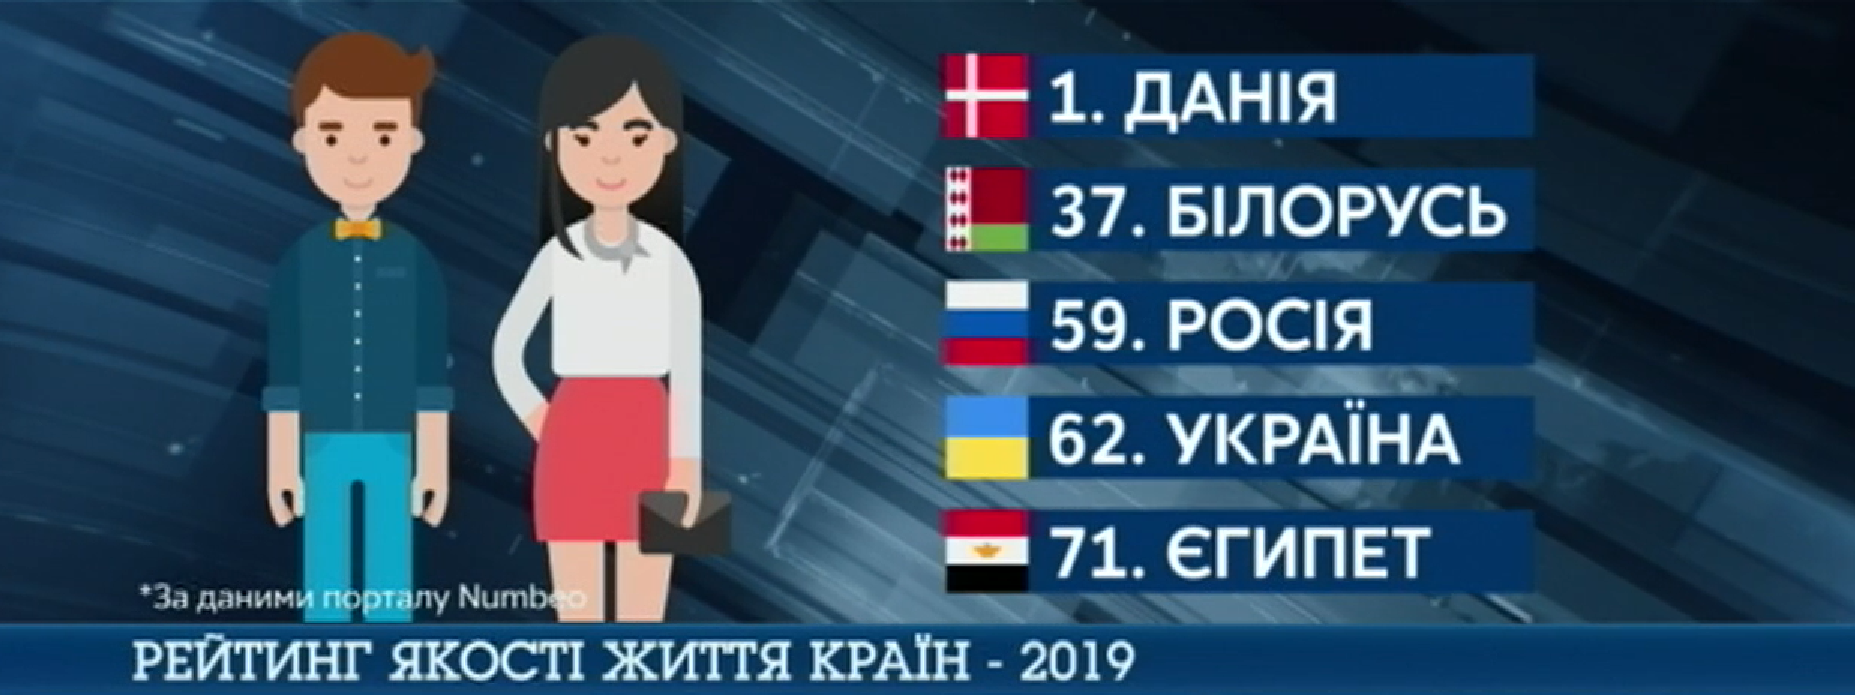 В 2019 году Украина заняла 62 место по уровню жизни среди 72 стран мира